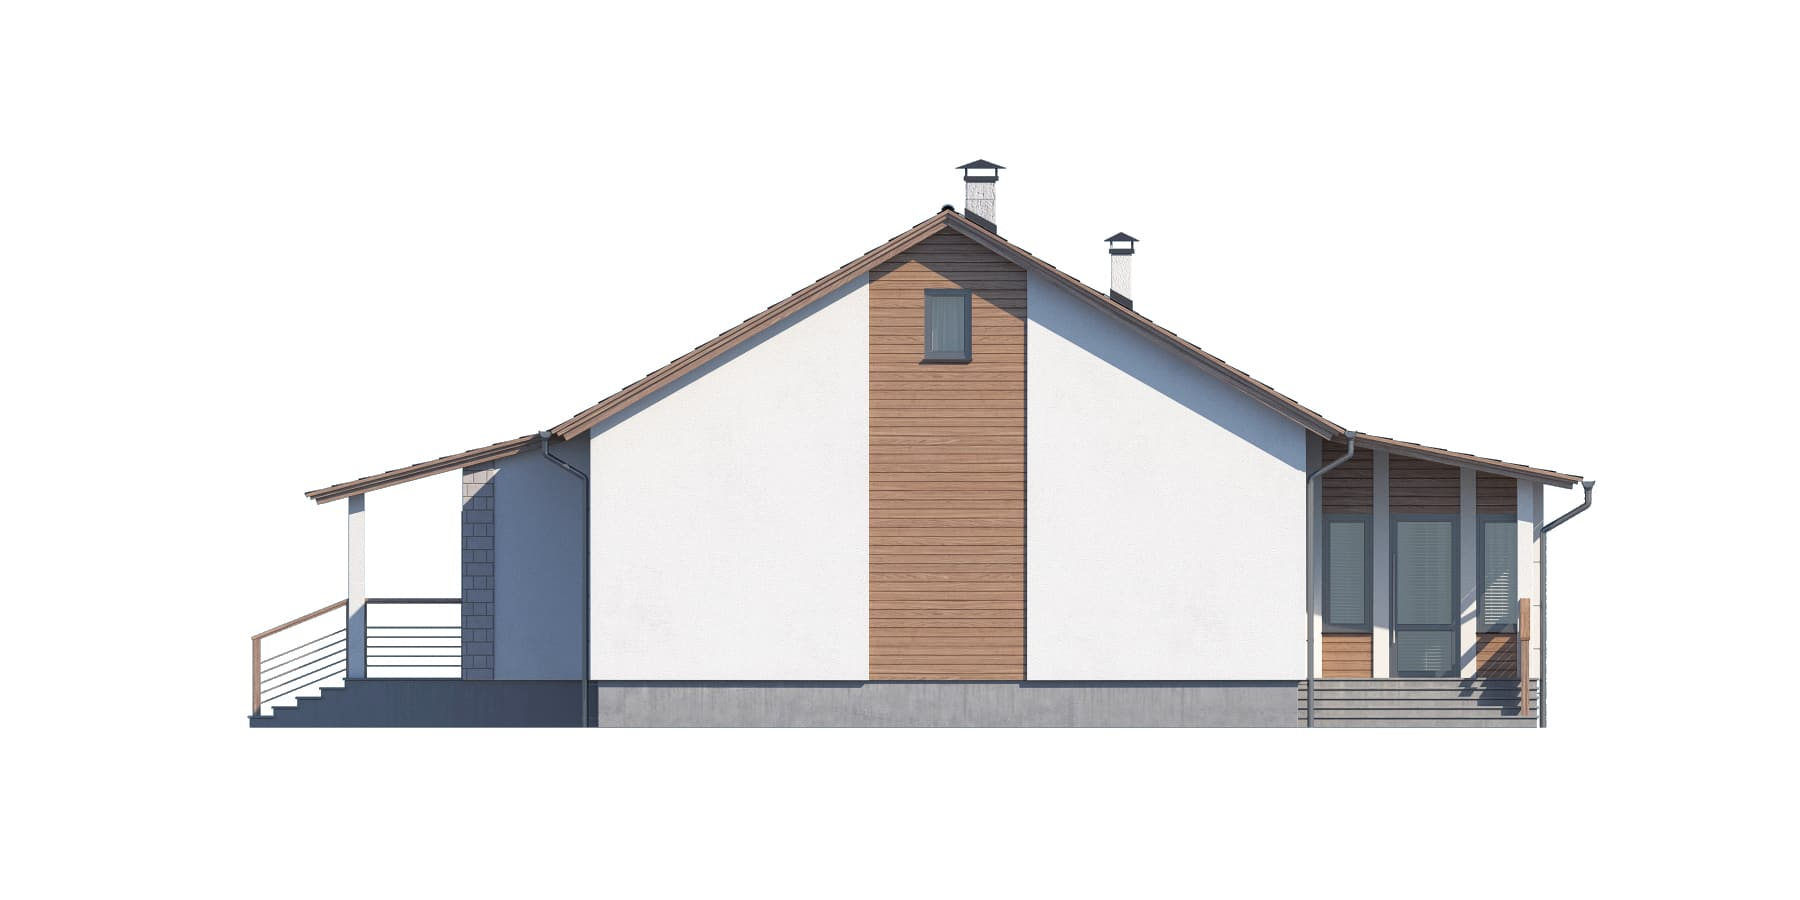 Фасад одноэтажного дома с гаражом и верандой «КО-117» - справа